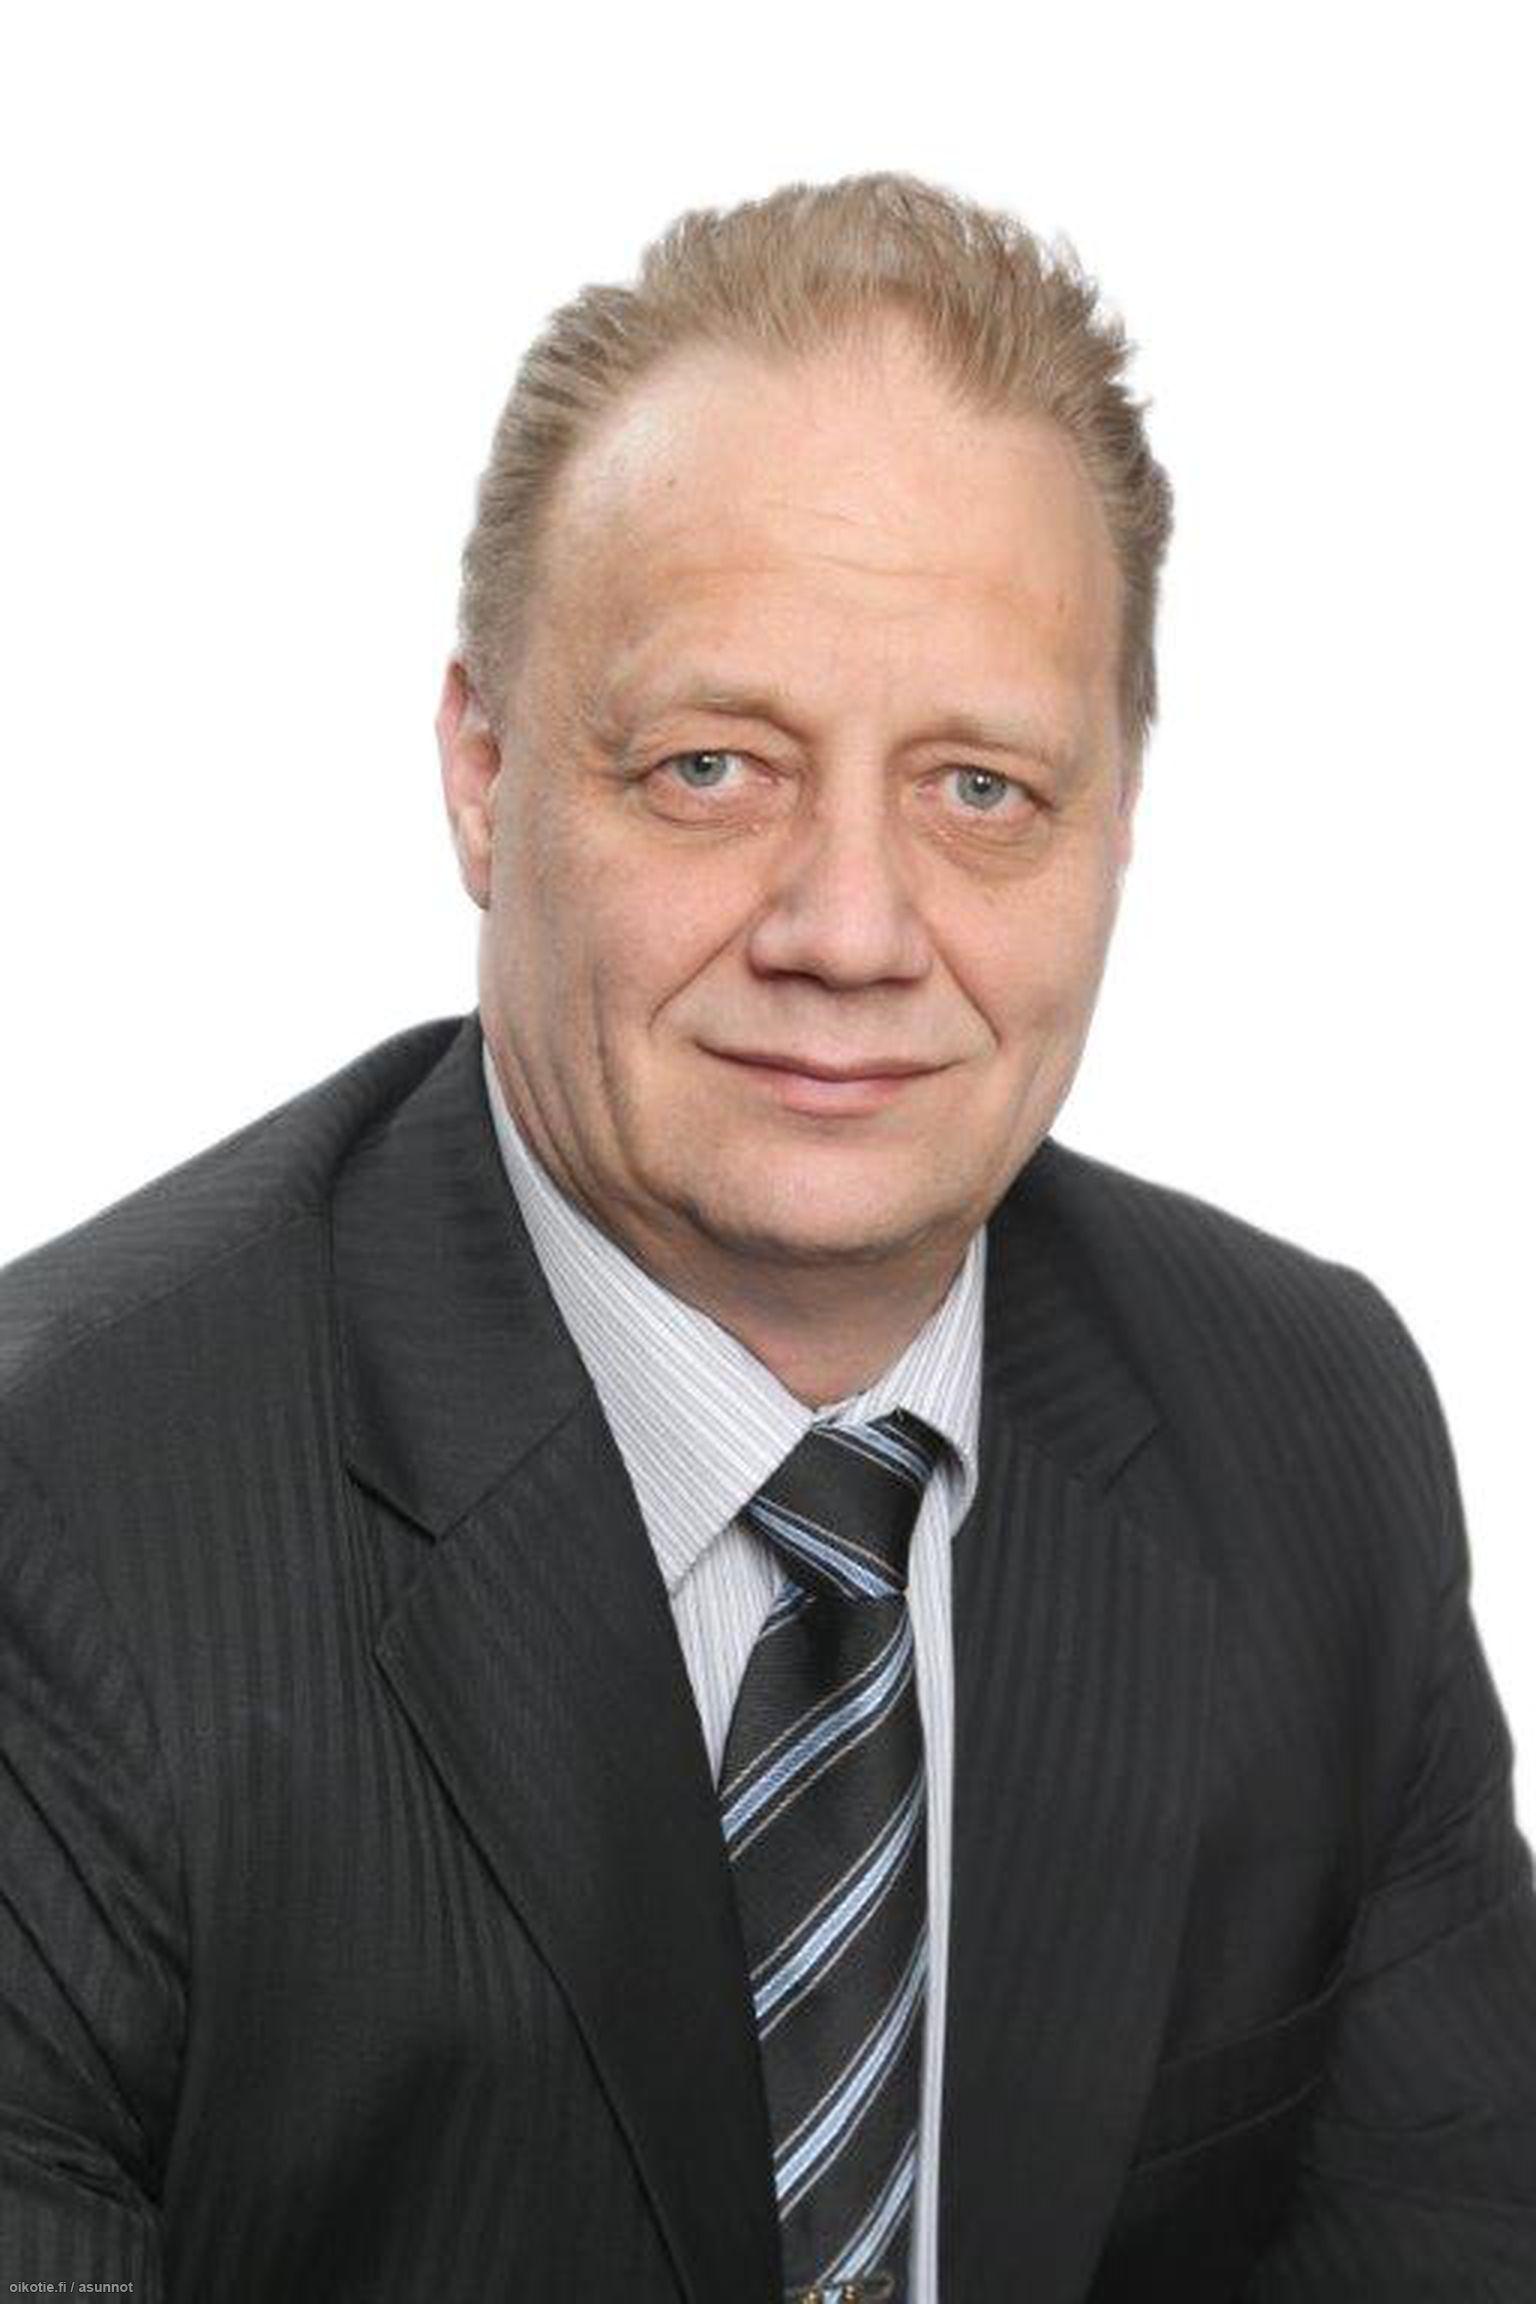 Jari Laaksonen